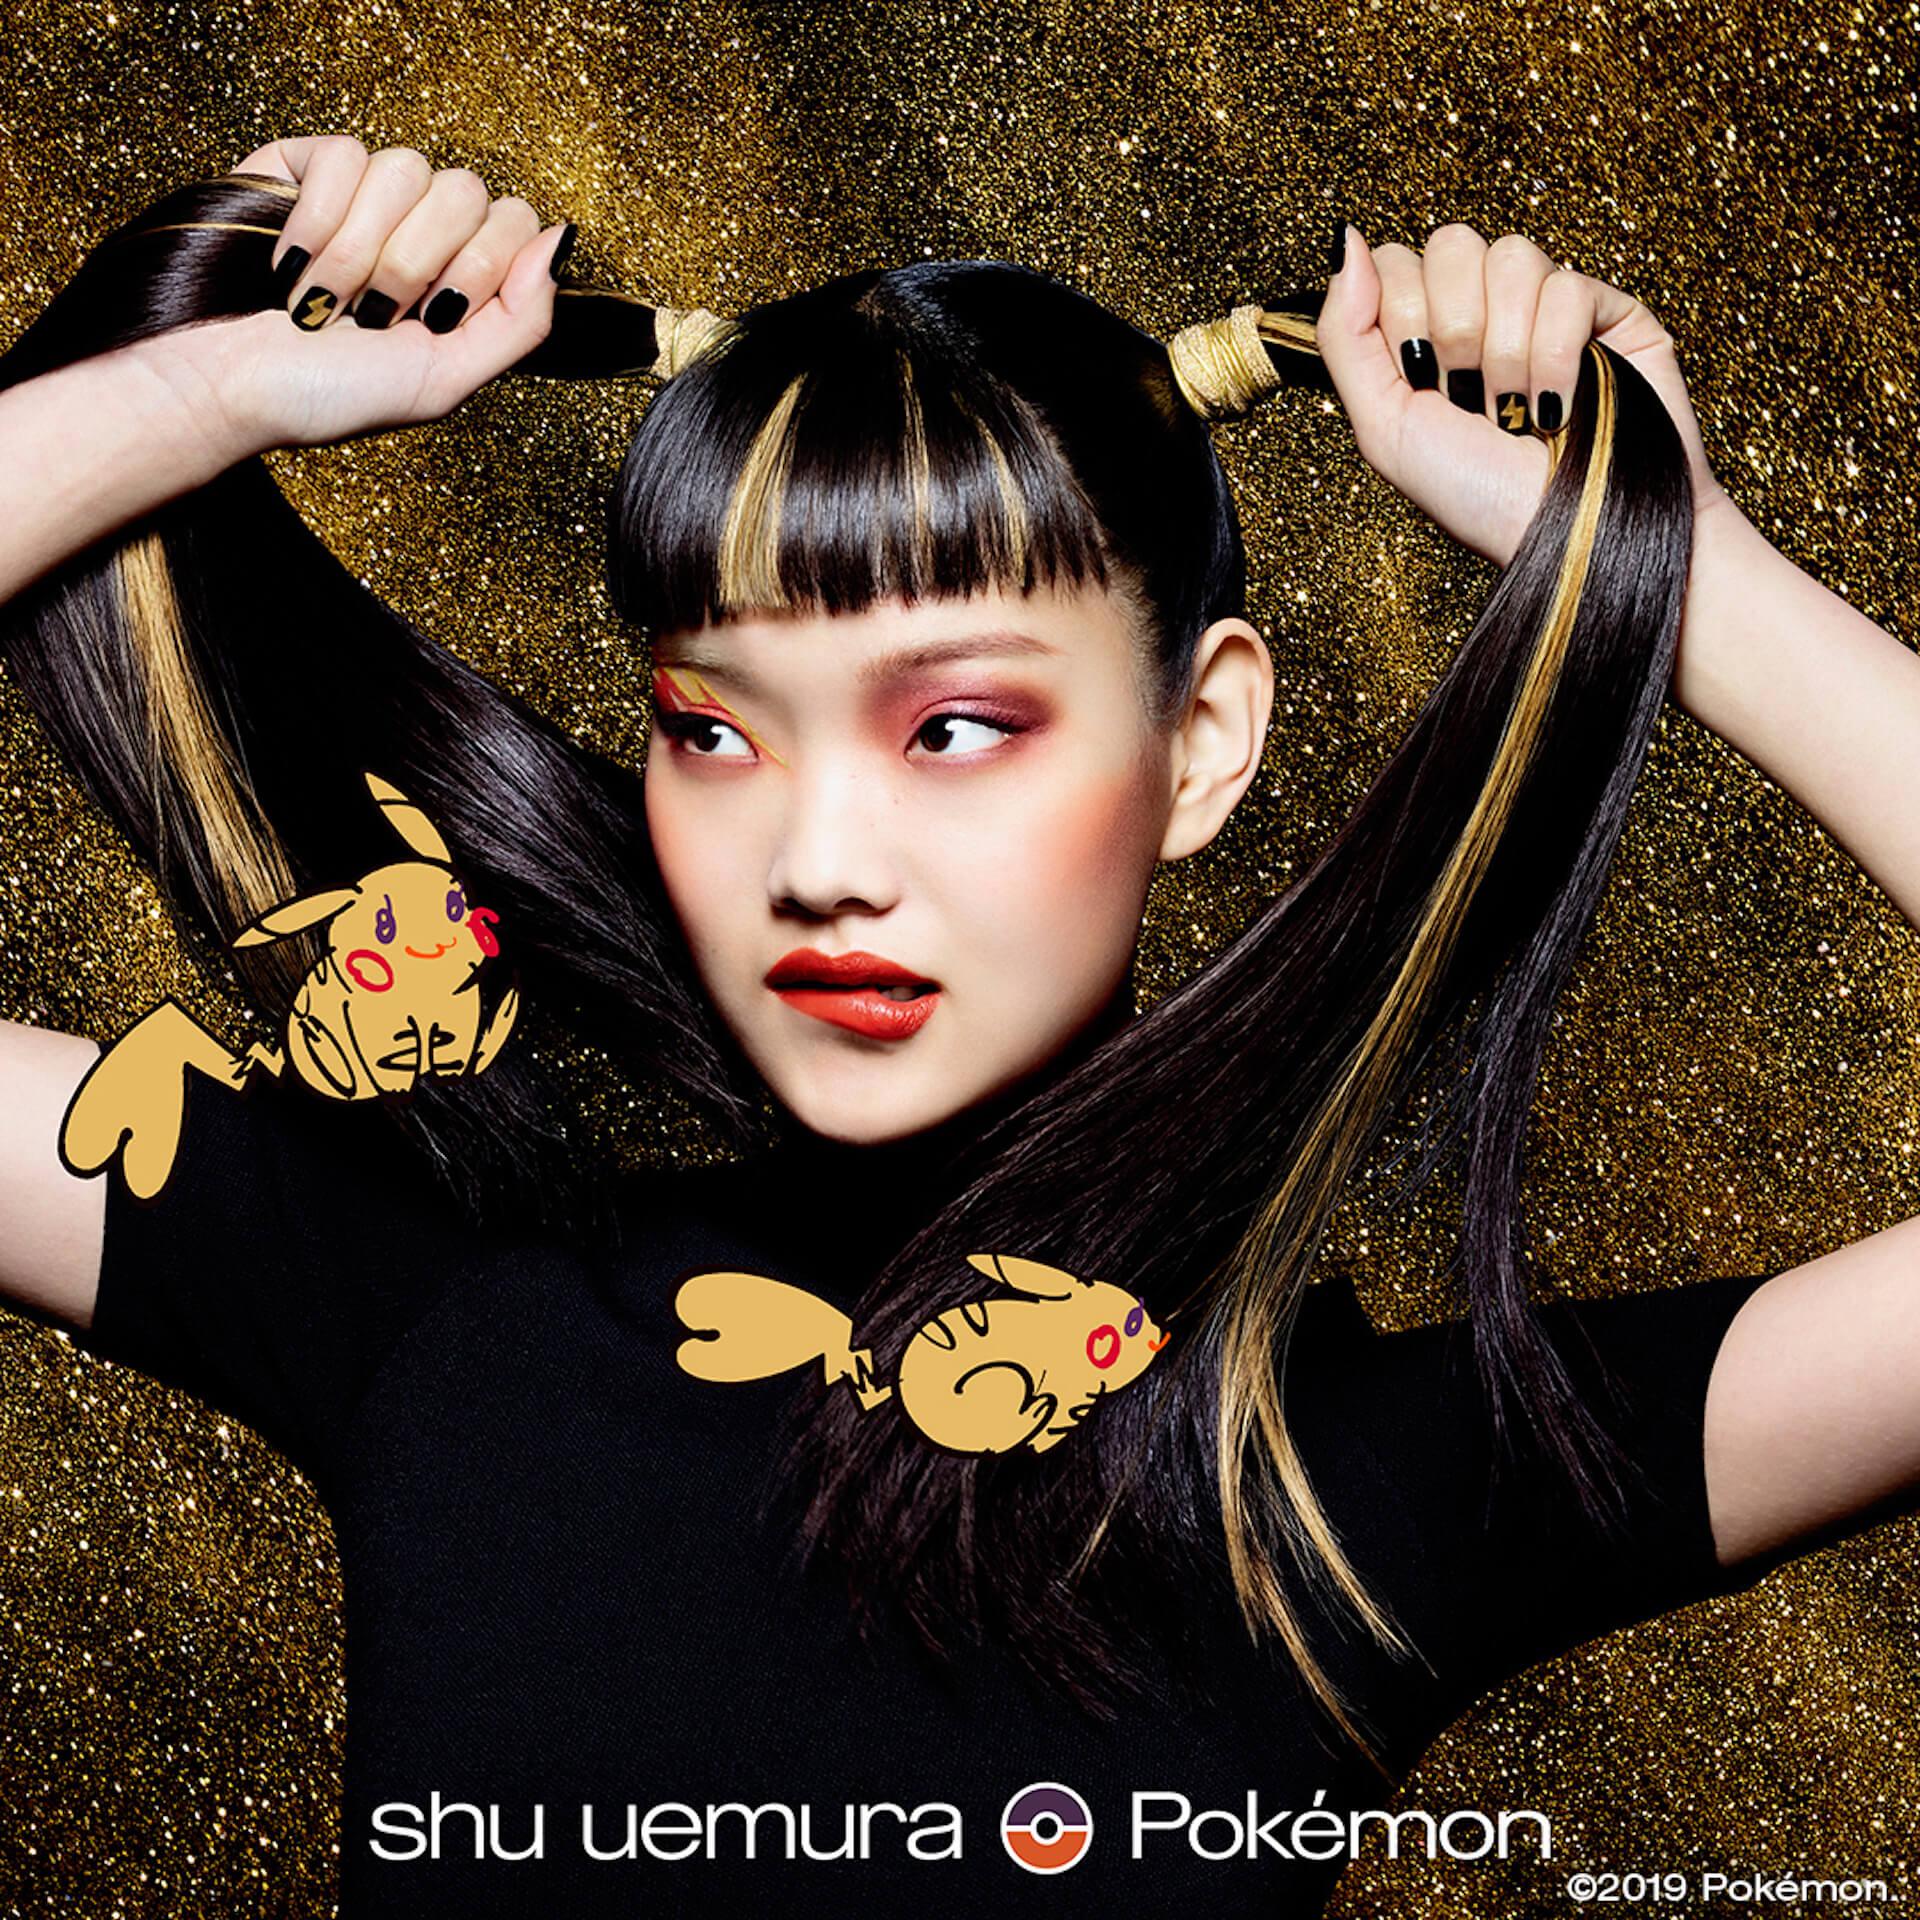 シュウ ウエムラ×ポケモン コレクション第1弾が11月1日に発売!公式オンラインショップでの先行予約受付にアクセス集中 life191018_shuuemura_pokemon_main